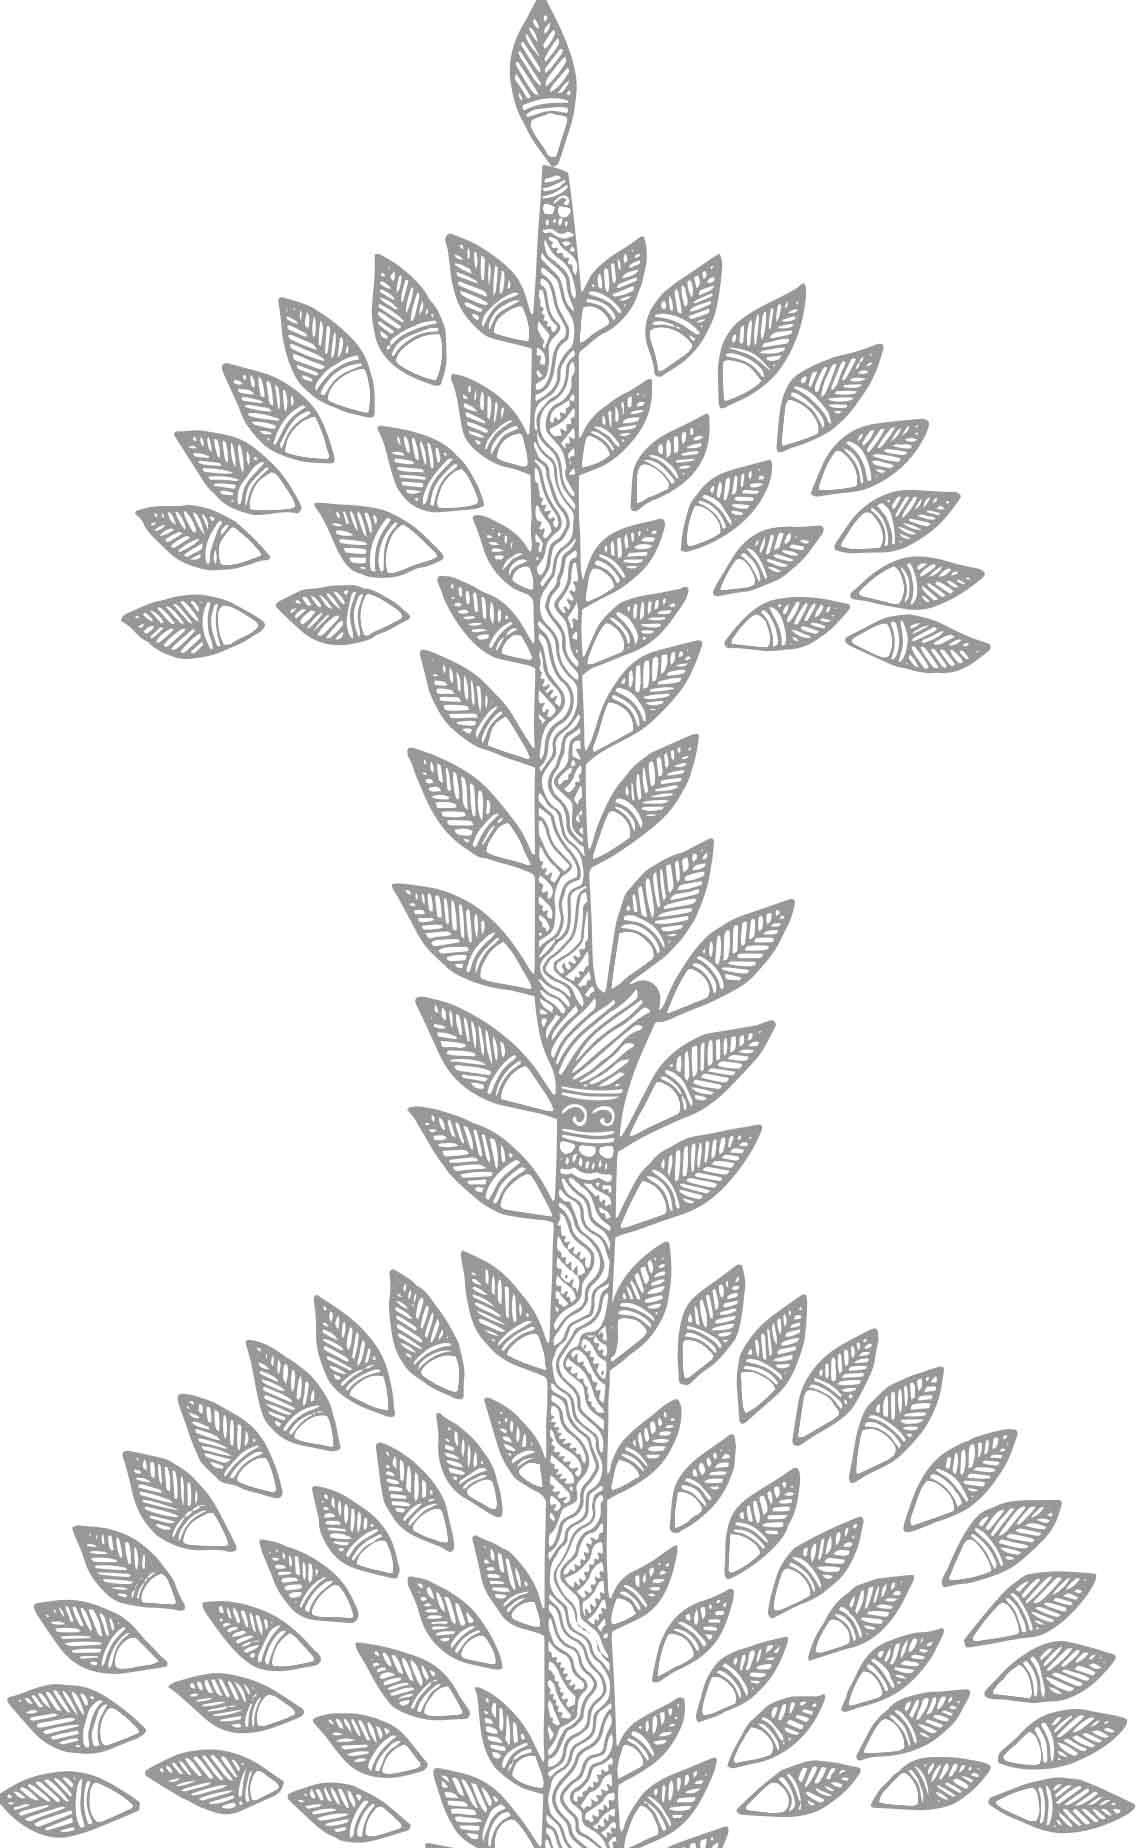 MithiliaTree